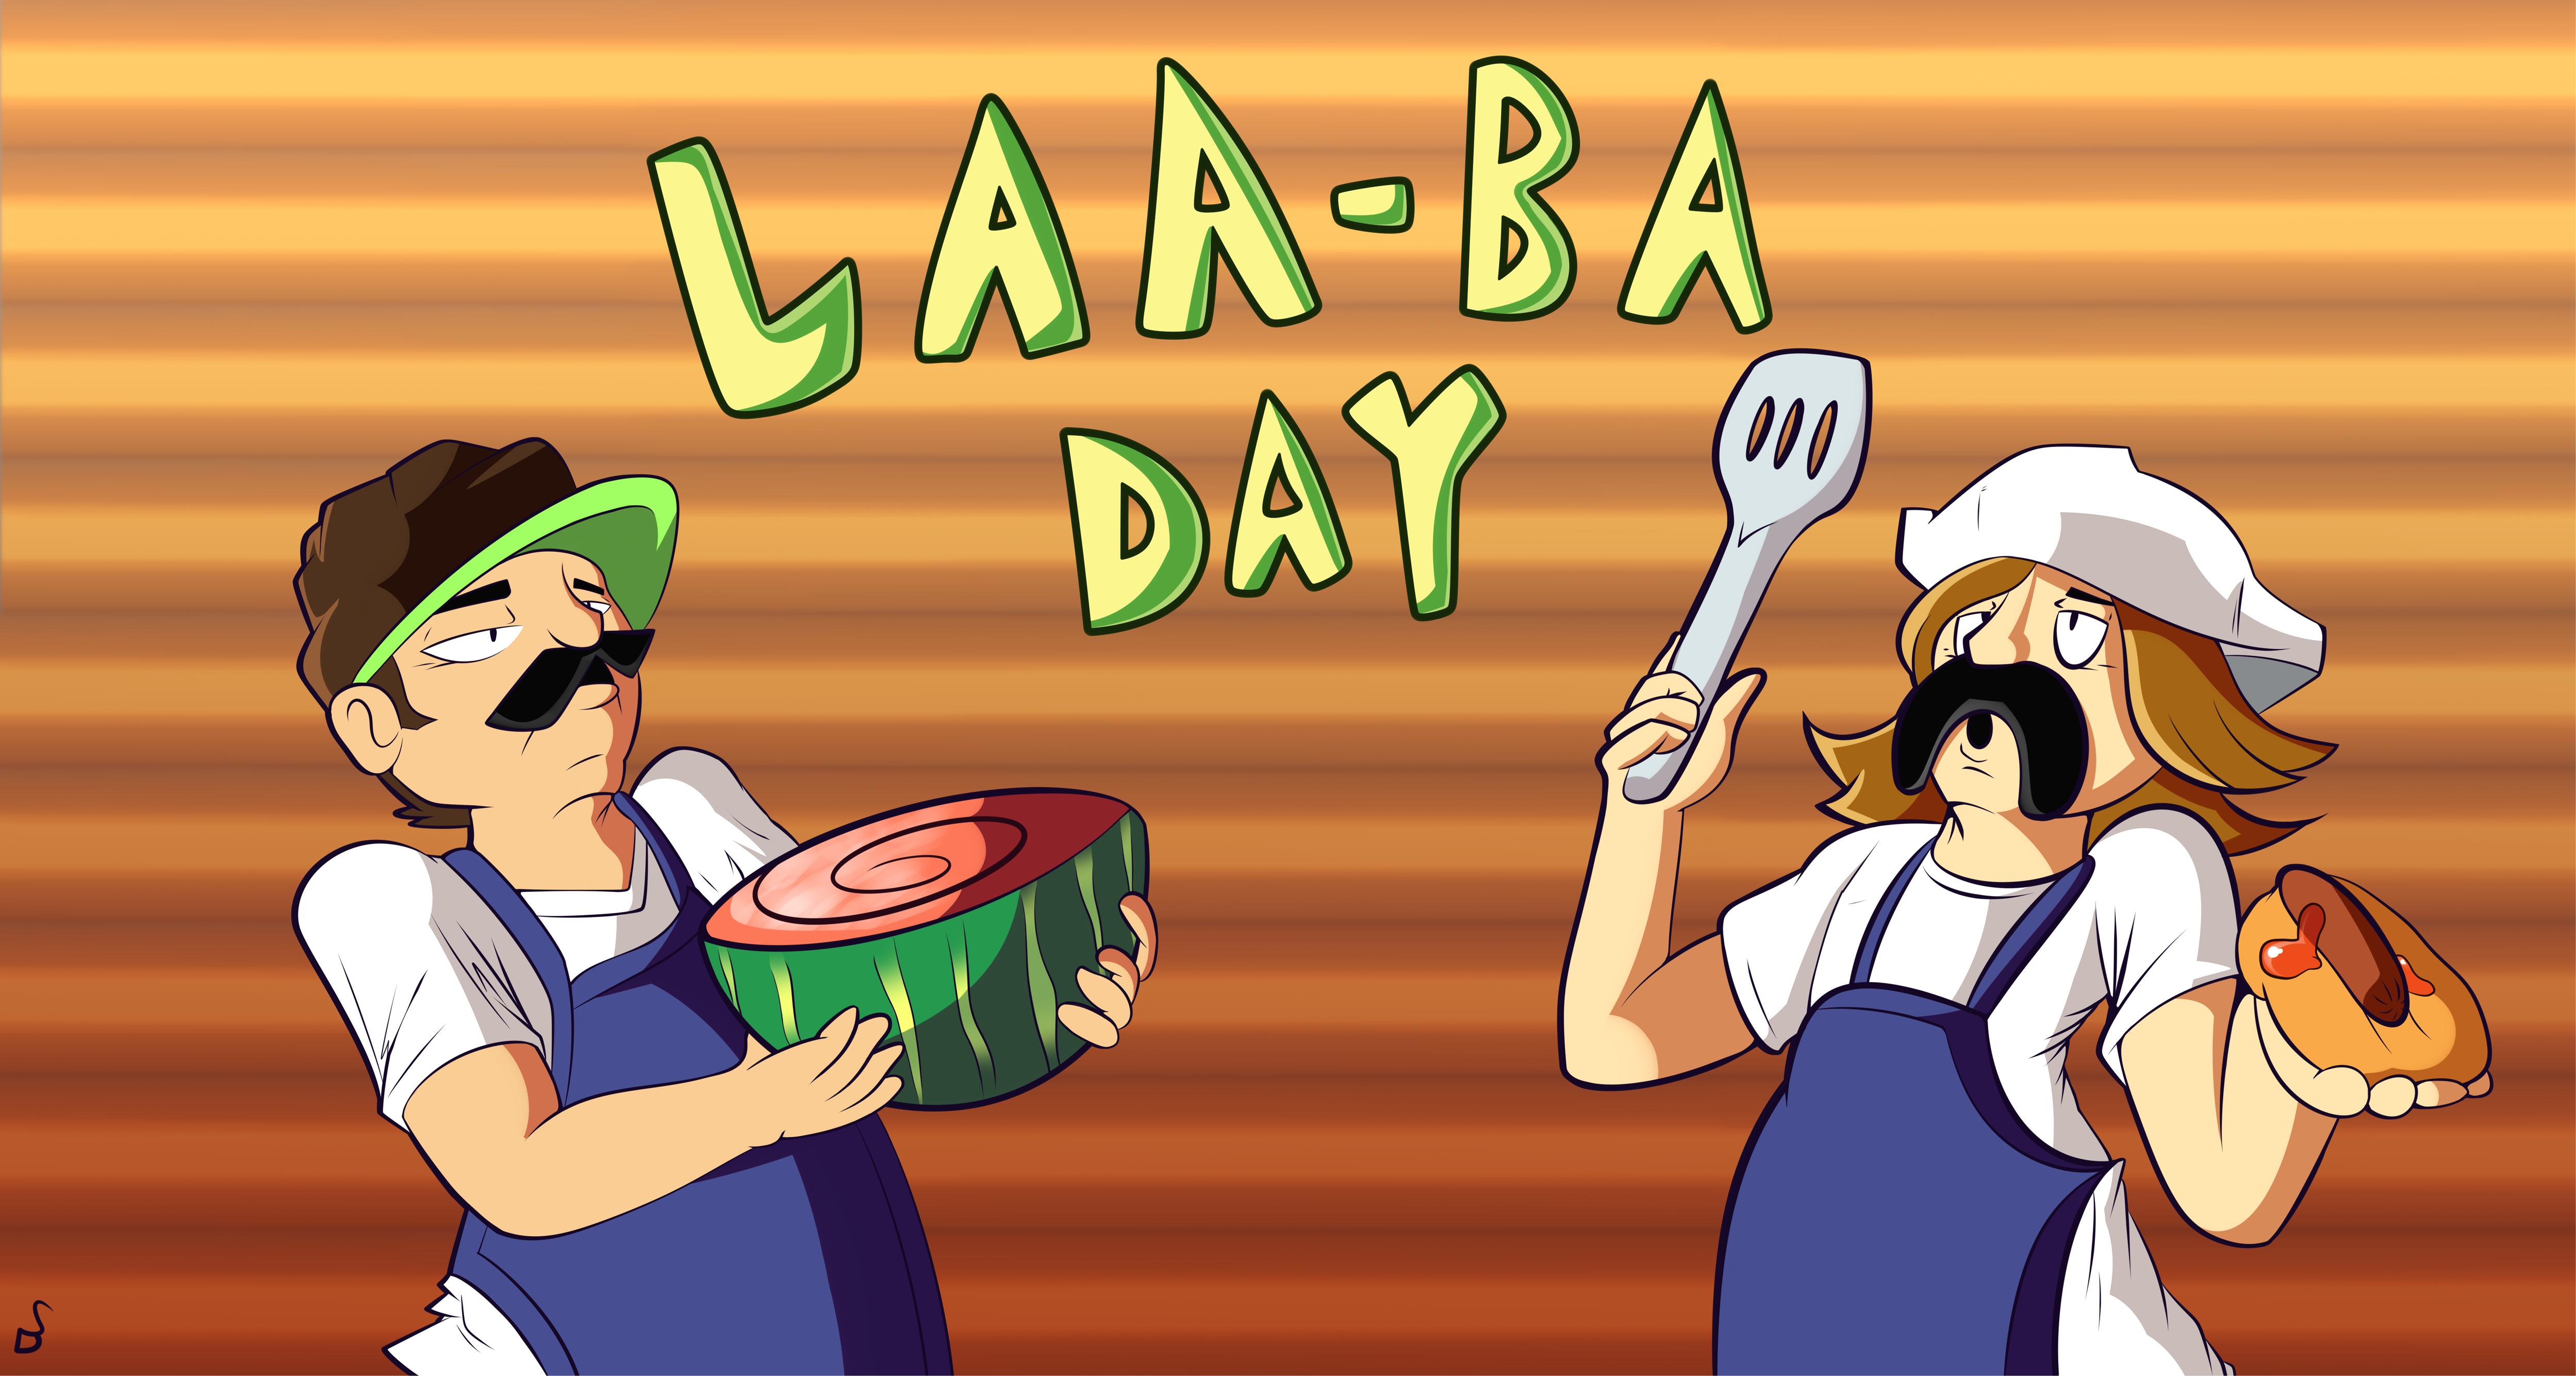 Laa-ba Day